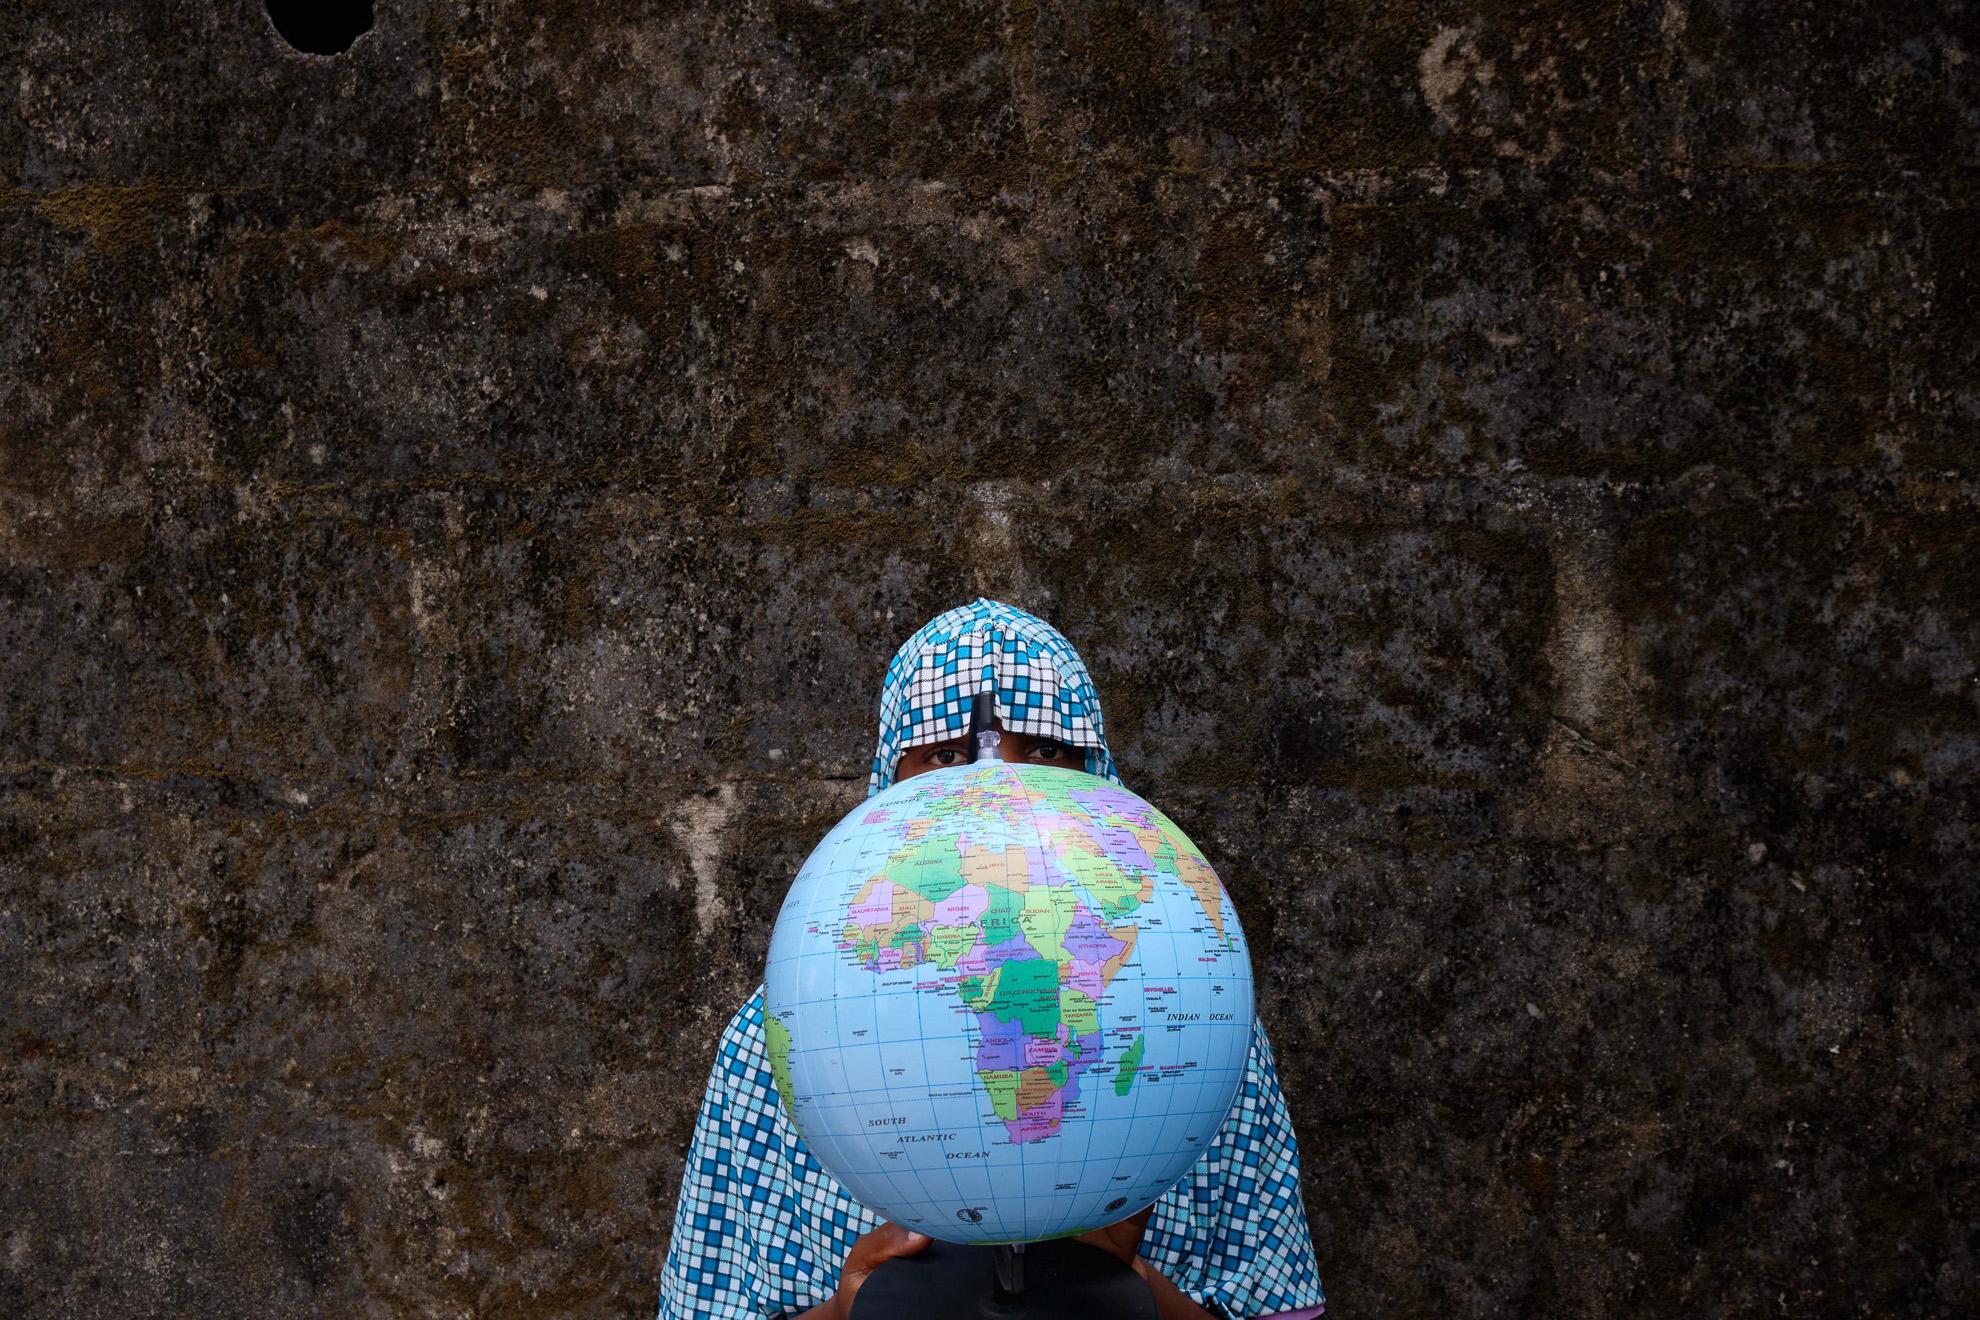 Hassana (nombre ficticio) 16 años de edad, en su escuela en Izghe, al noreste de Nigeria. Fue secuestrada por Boko Haram con su hermana gemela que murió en el campamento terrorista. Regresó a su casa y se encontró con que su aldea había sido devastada y sus padres habían sido asesinados por Boko Haram. Le encanta estudiar el mapa mundial, espera poder viajar por el mundo algún día, porque cree que es parte de la educación.